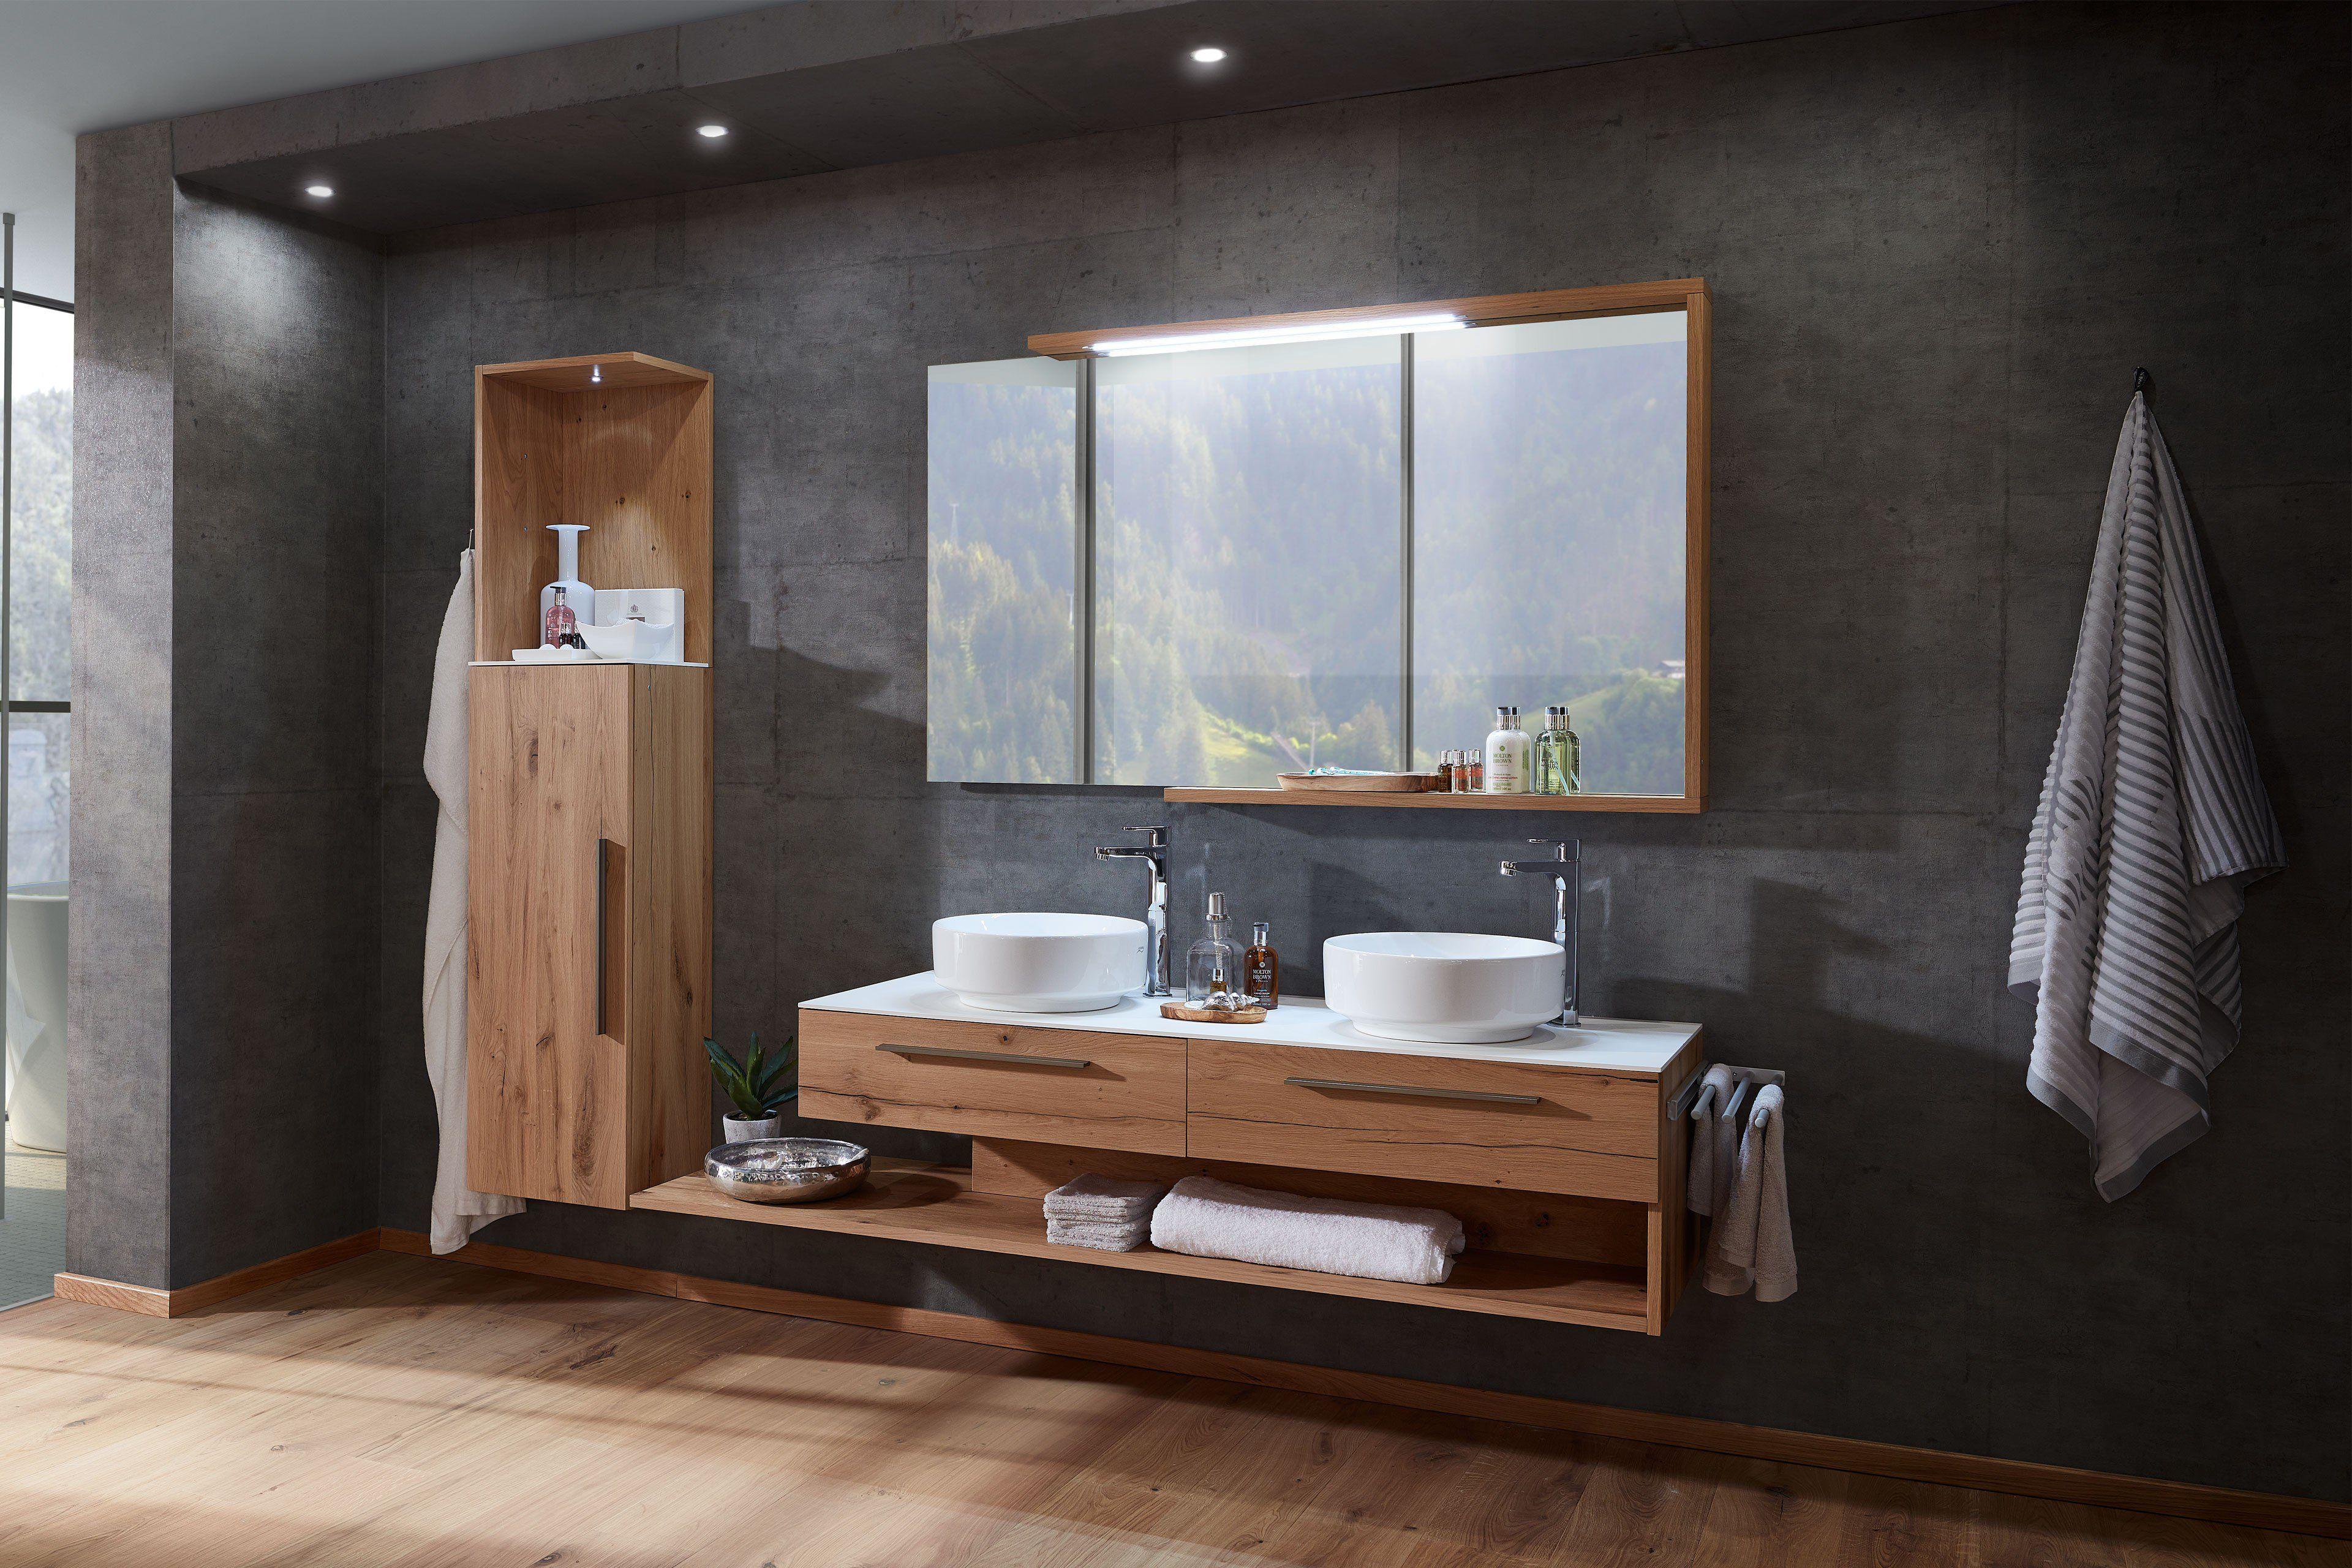 Schroder Mobel Kitzalm Alpenflair Badezimmer In Alteiche Natur Mobel Letz Ihr Online Shop Alte Eiche Badezimmer Badezimmer Set